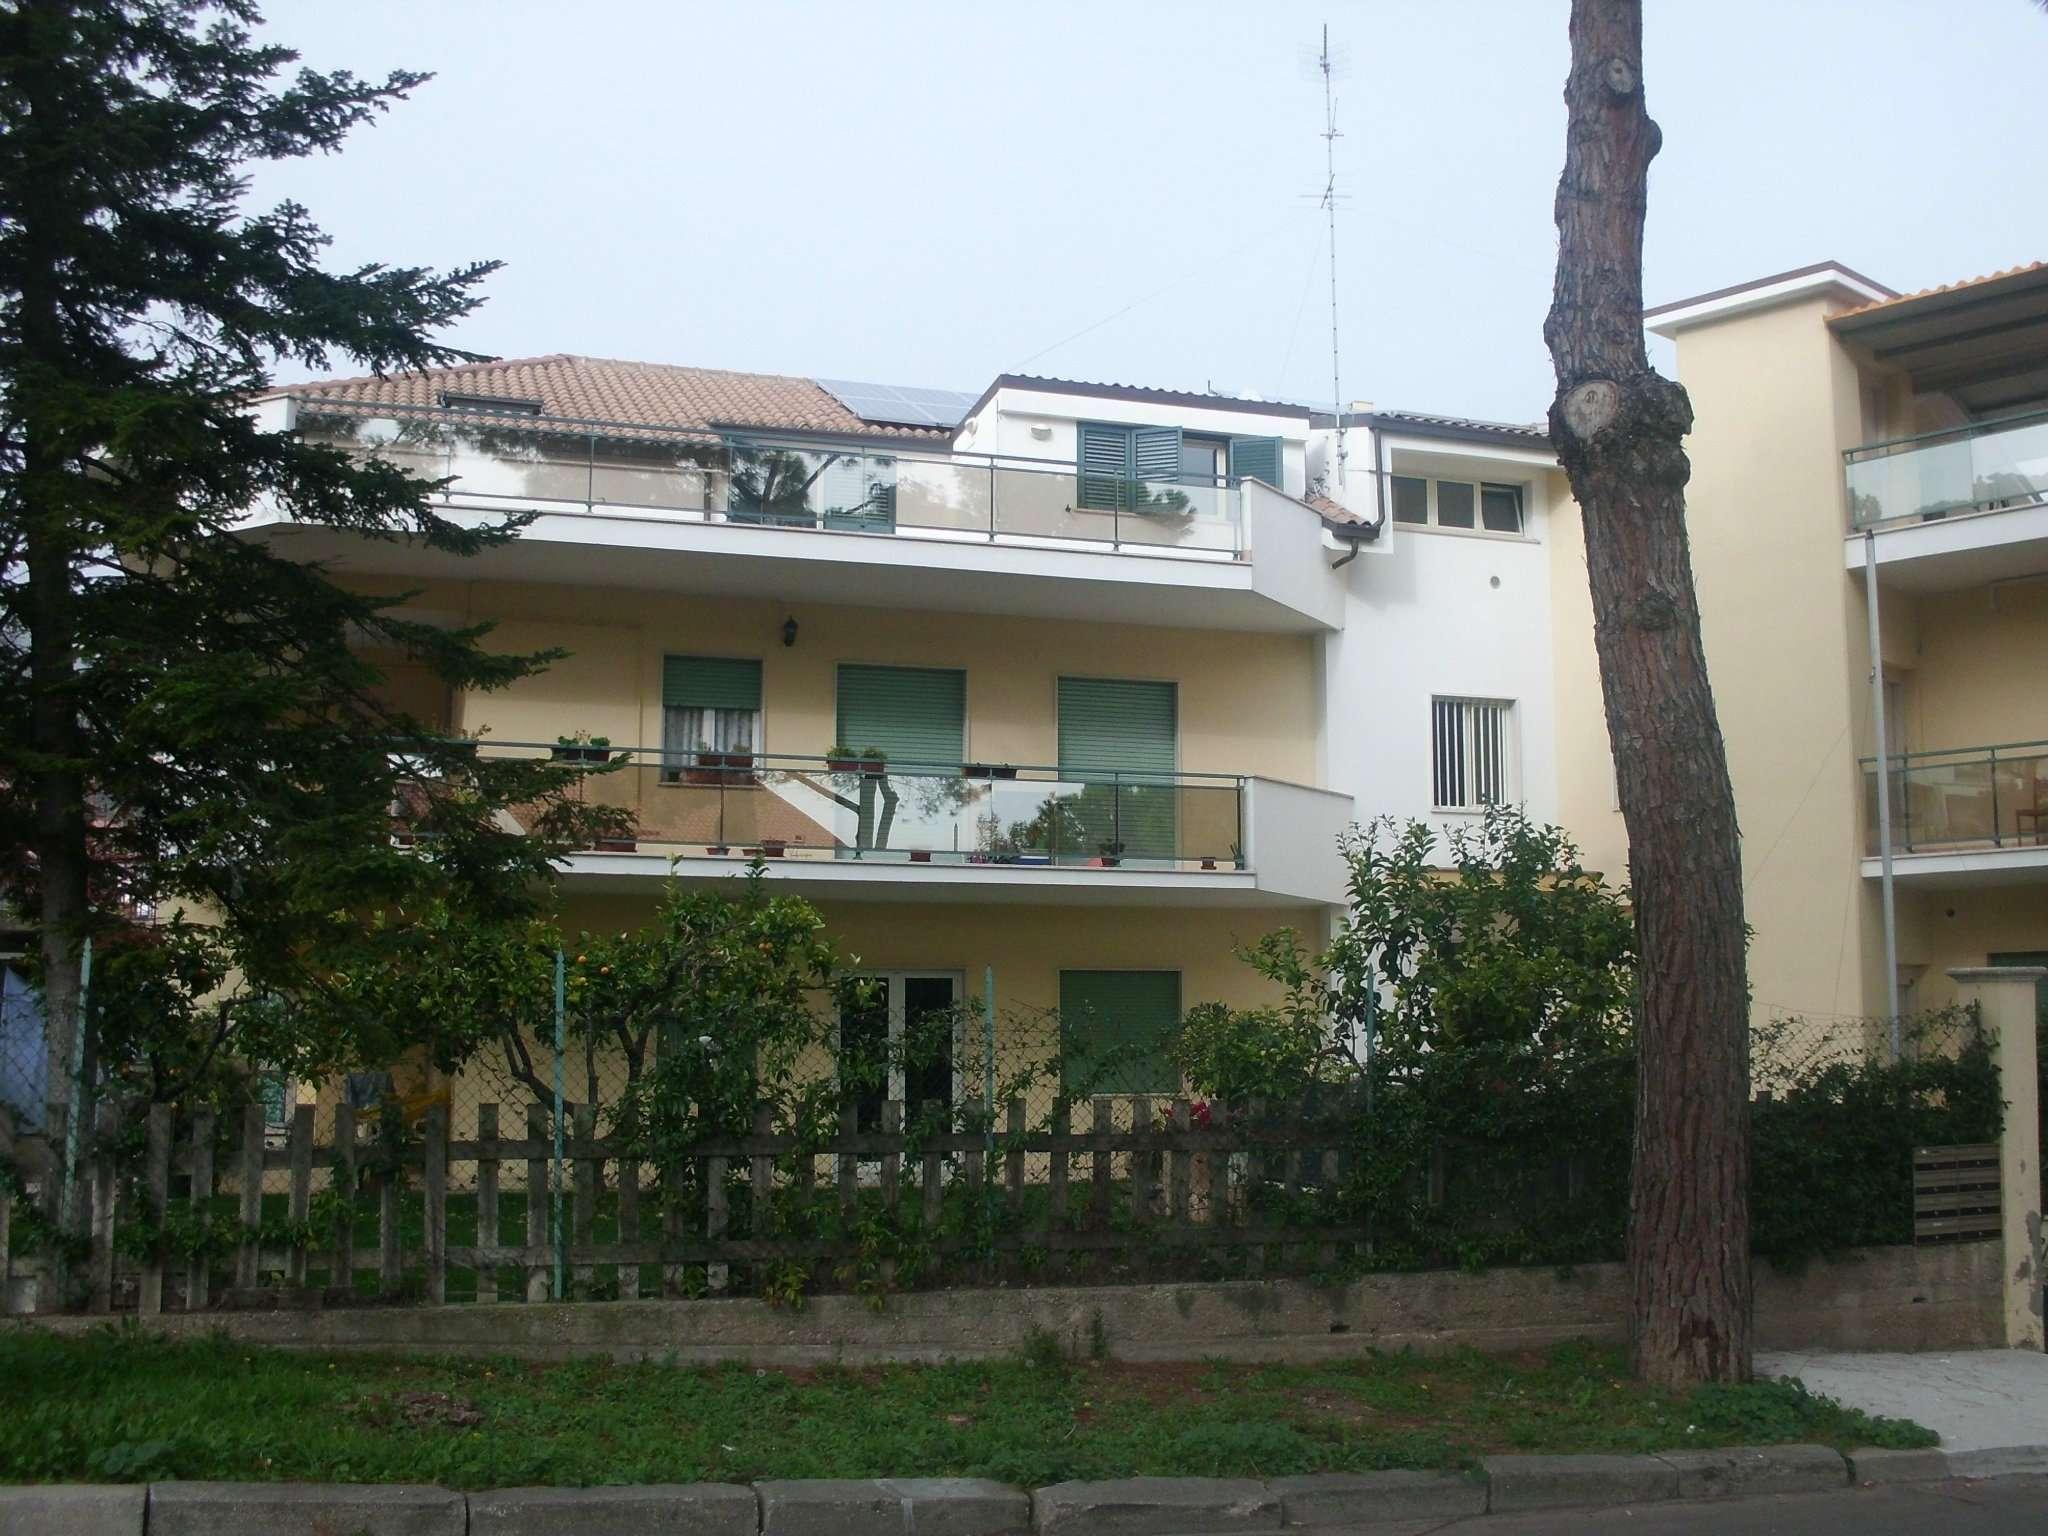 Attico / Mansarda in affitto a Montesilvano, 4 locali, prezzo € 400 | Cambio Casa.it